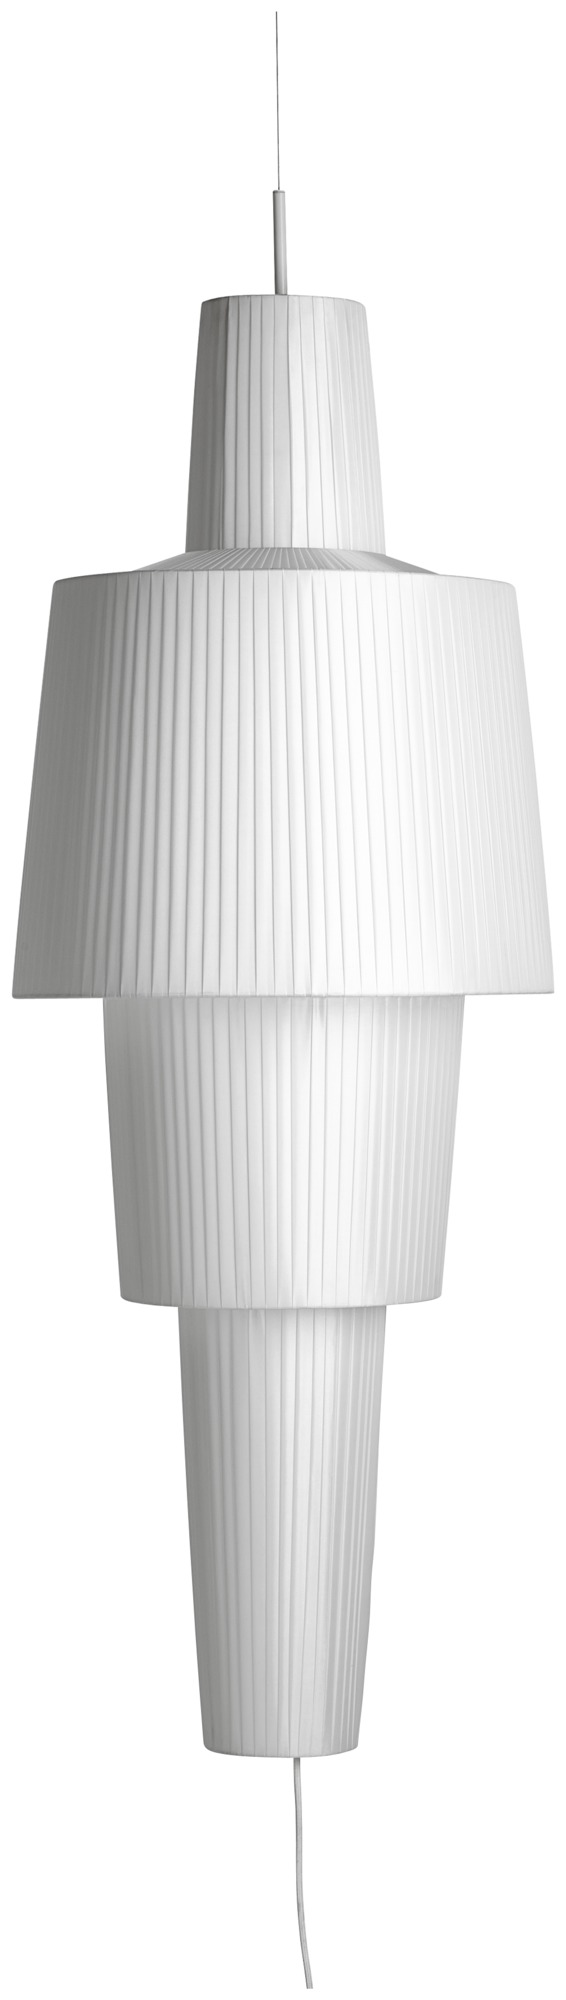 boconcept lighting. Modern Pendants - Contemporary Quality From BoConcept Boconcept Lighting E